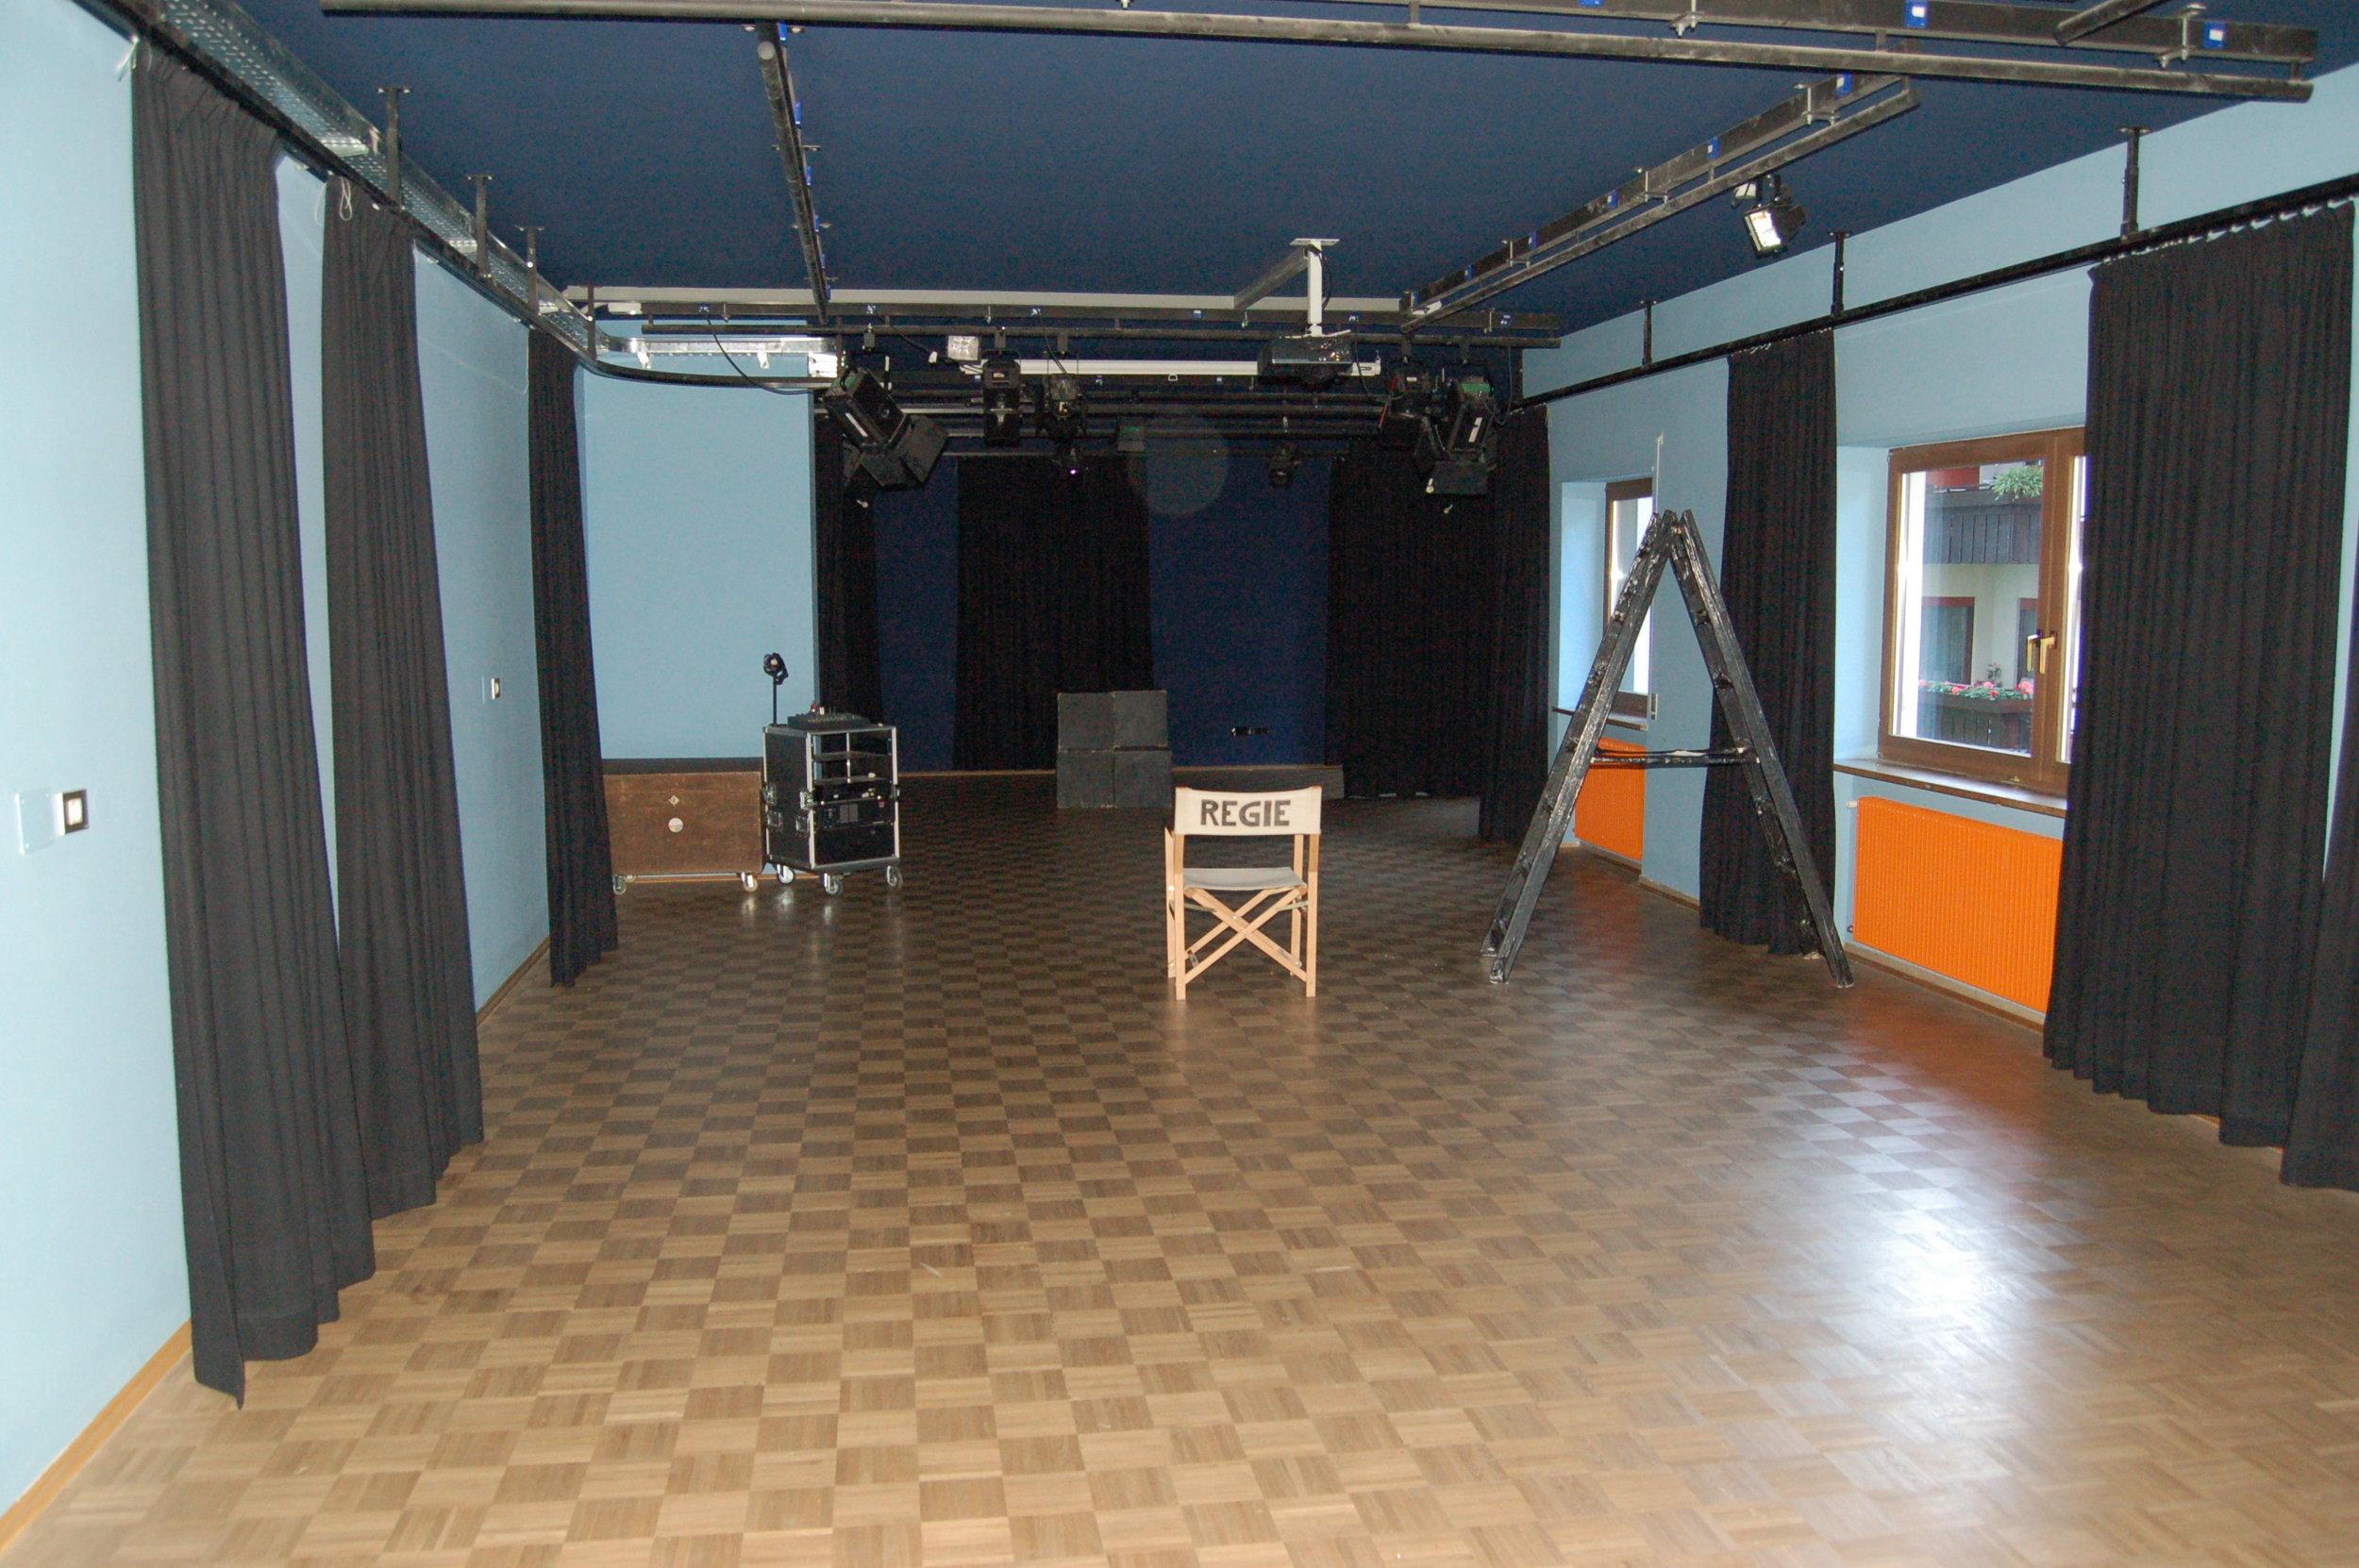 2006 TPZ großer Raum ohne Stühle.JPG